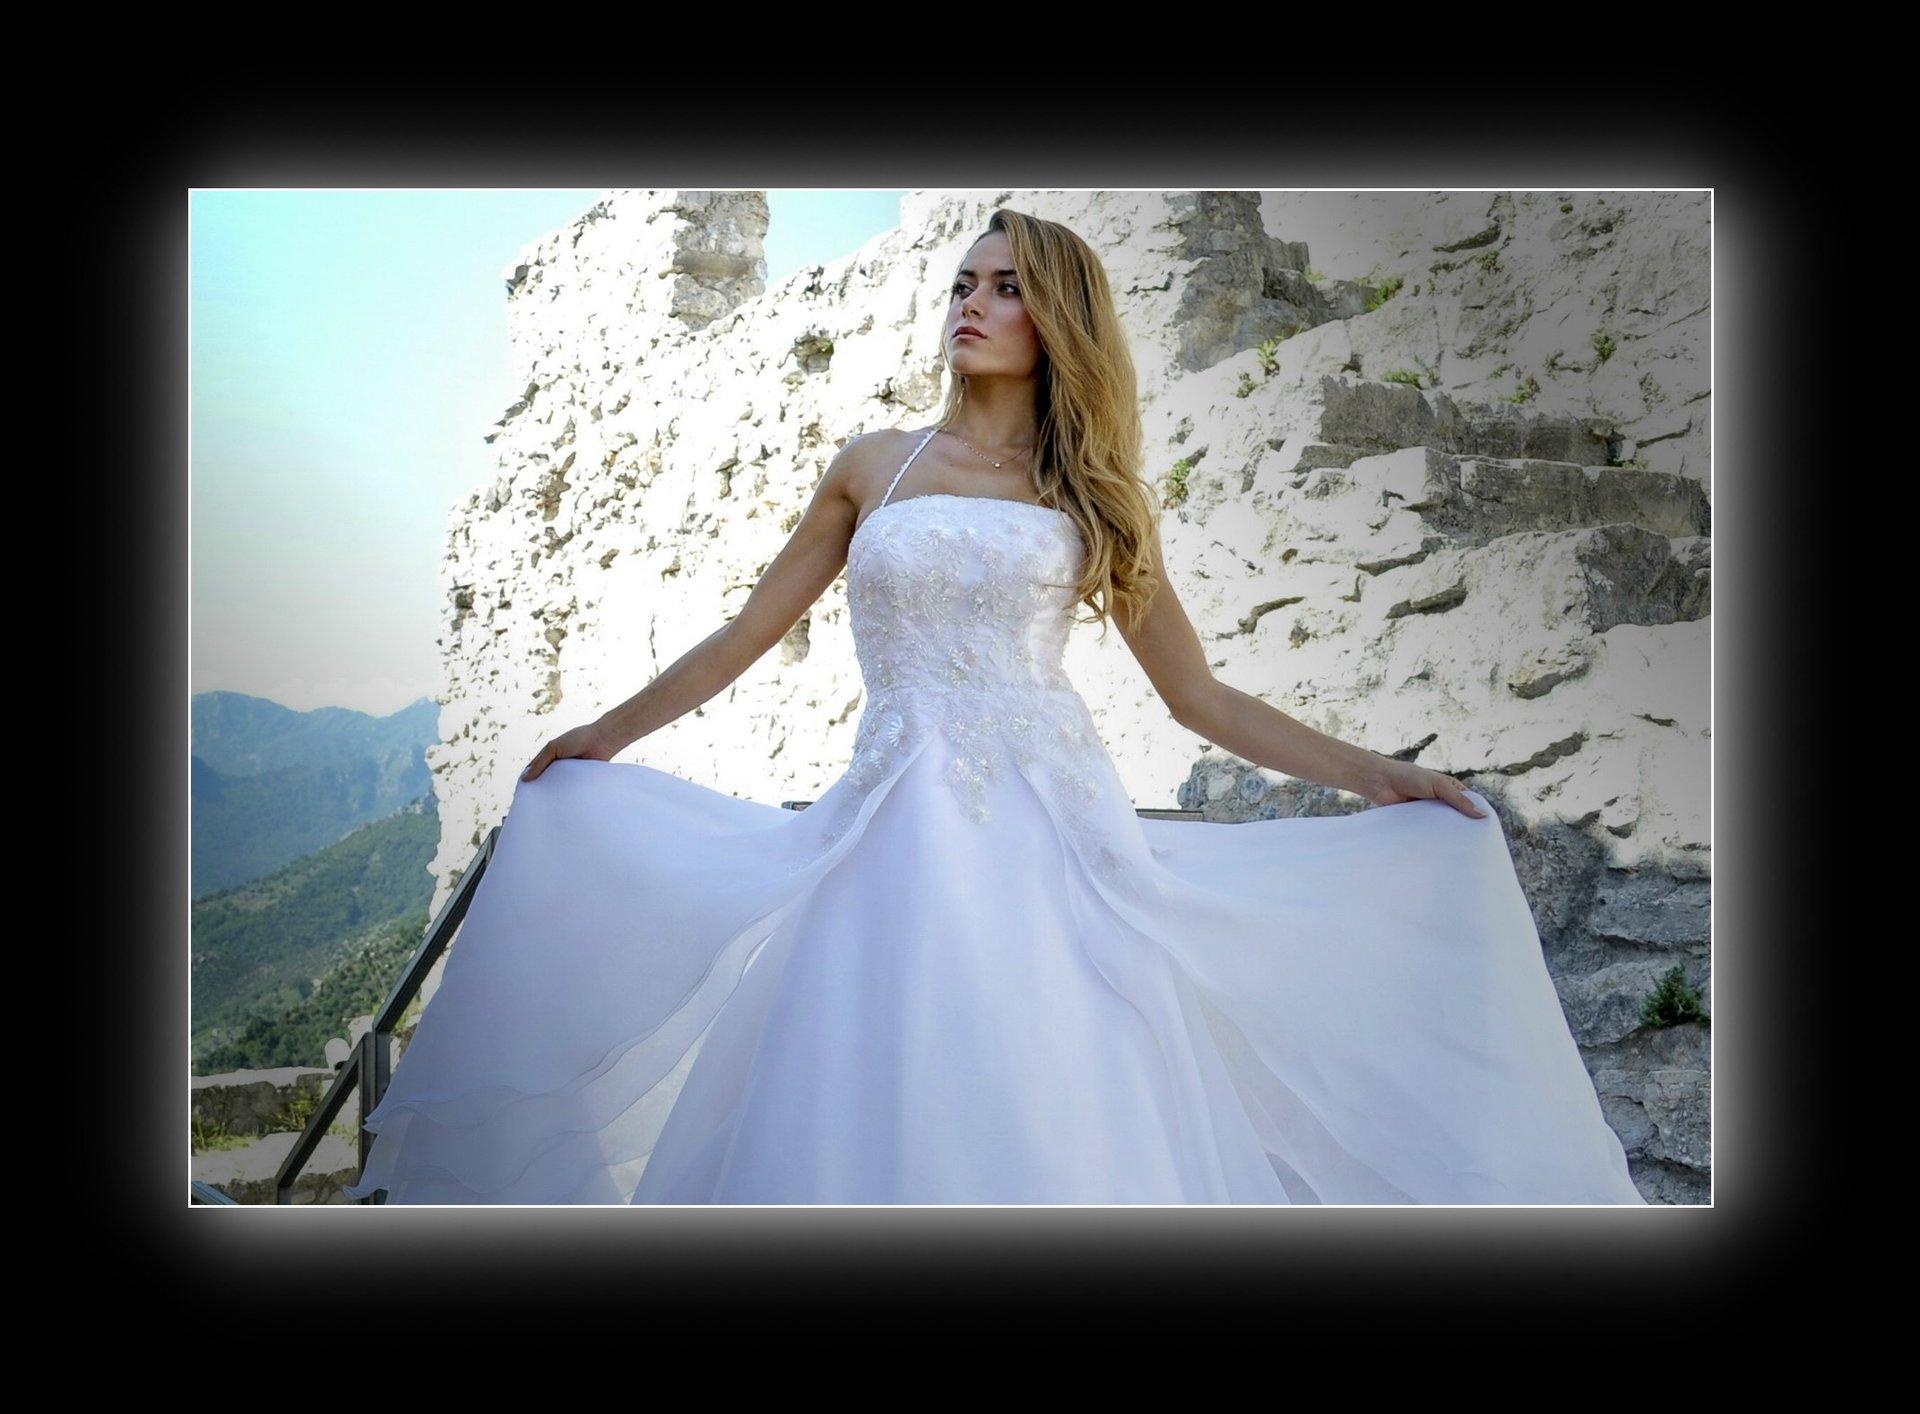 un vestito bianco da sposa su una modella bionda